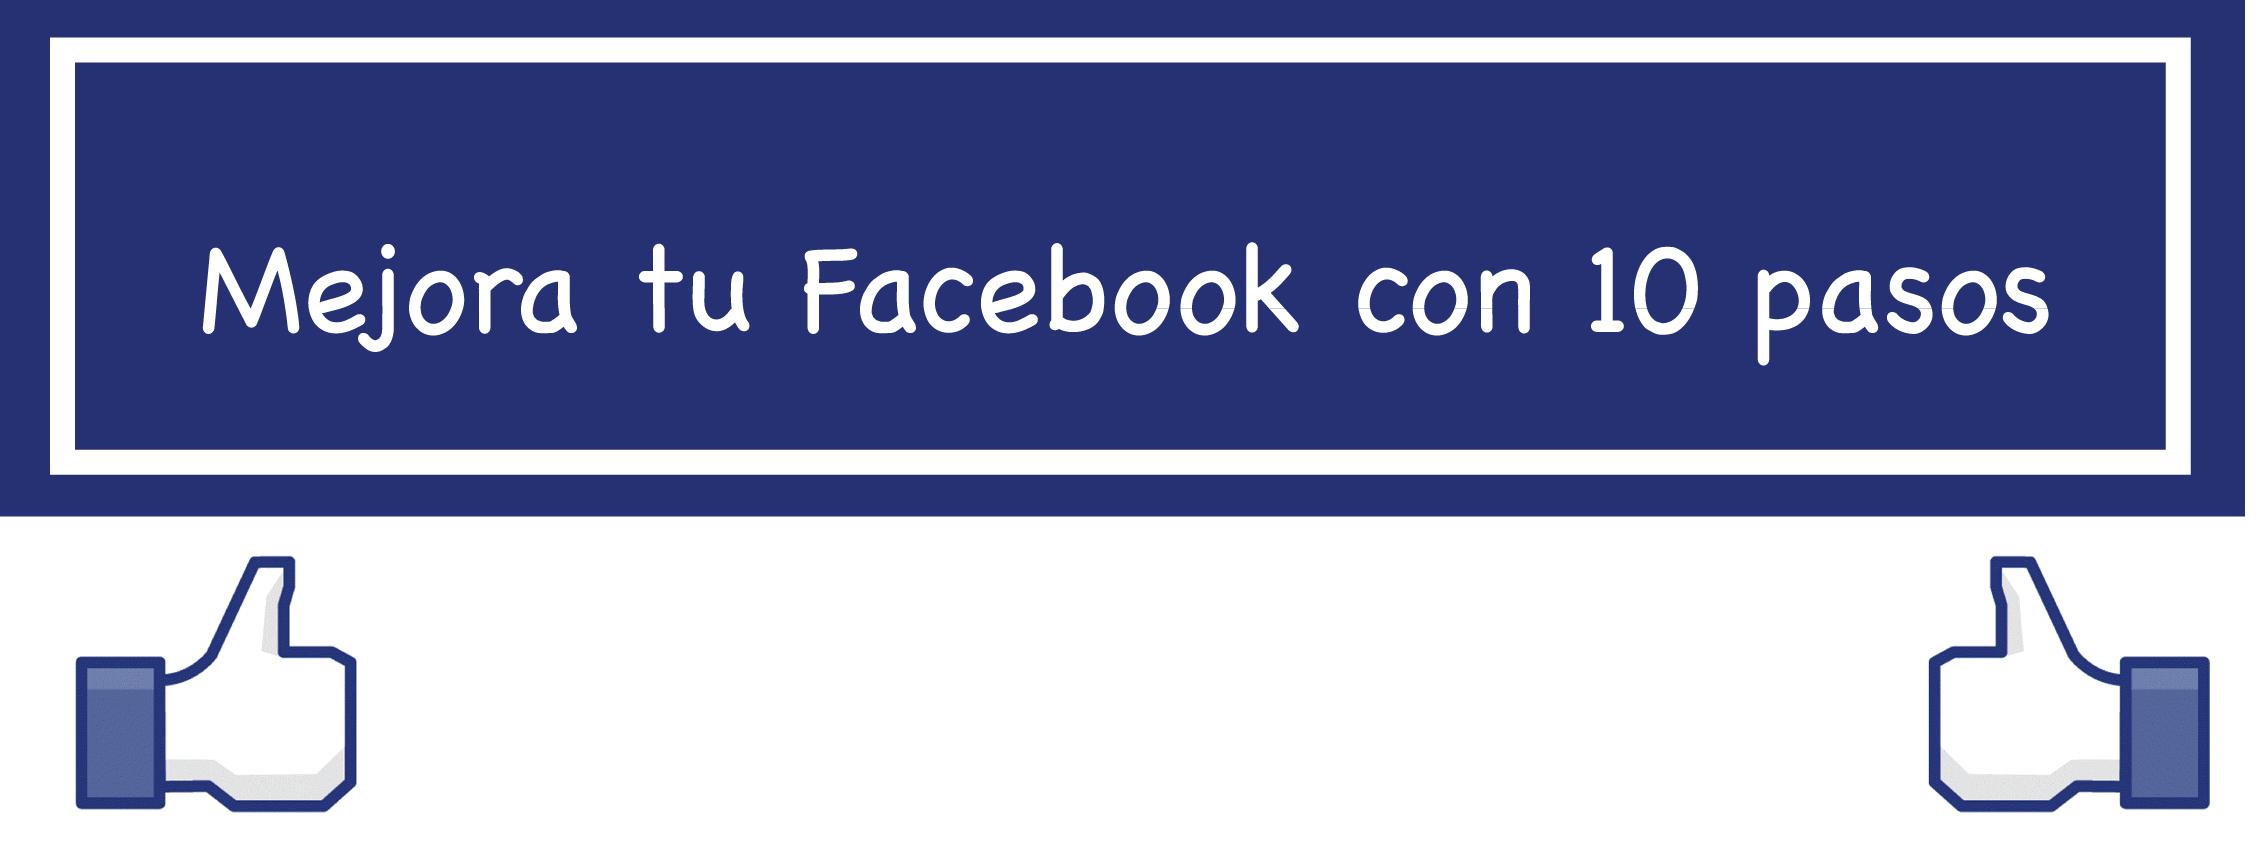 consejos para mejorar la efectividad y visibilidad de tu Fanpage de Facebook.